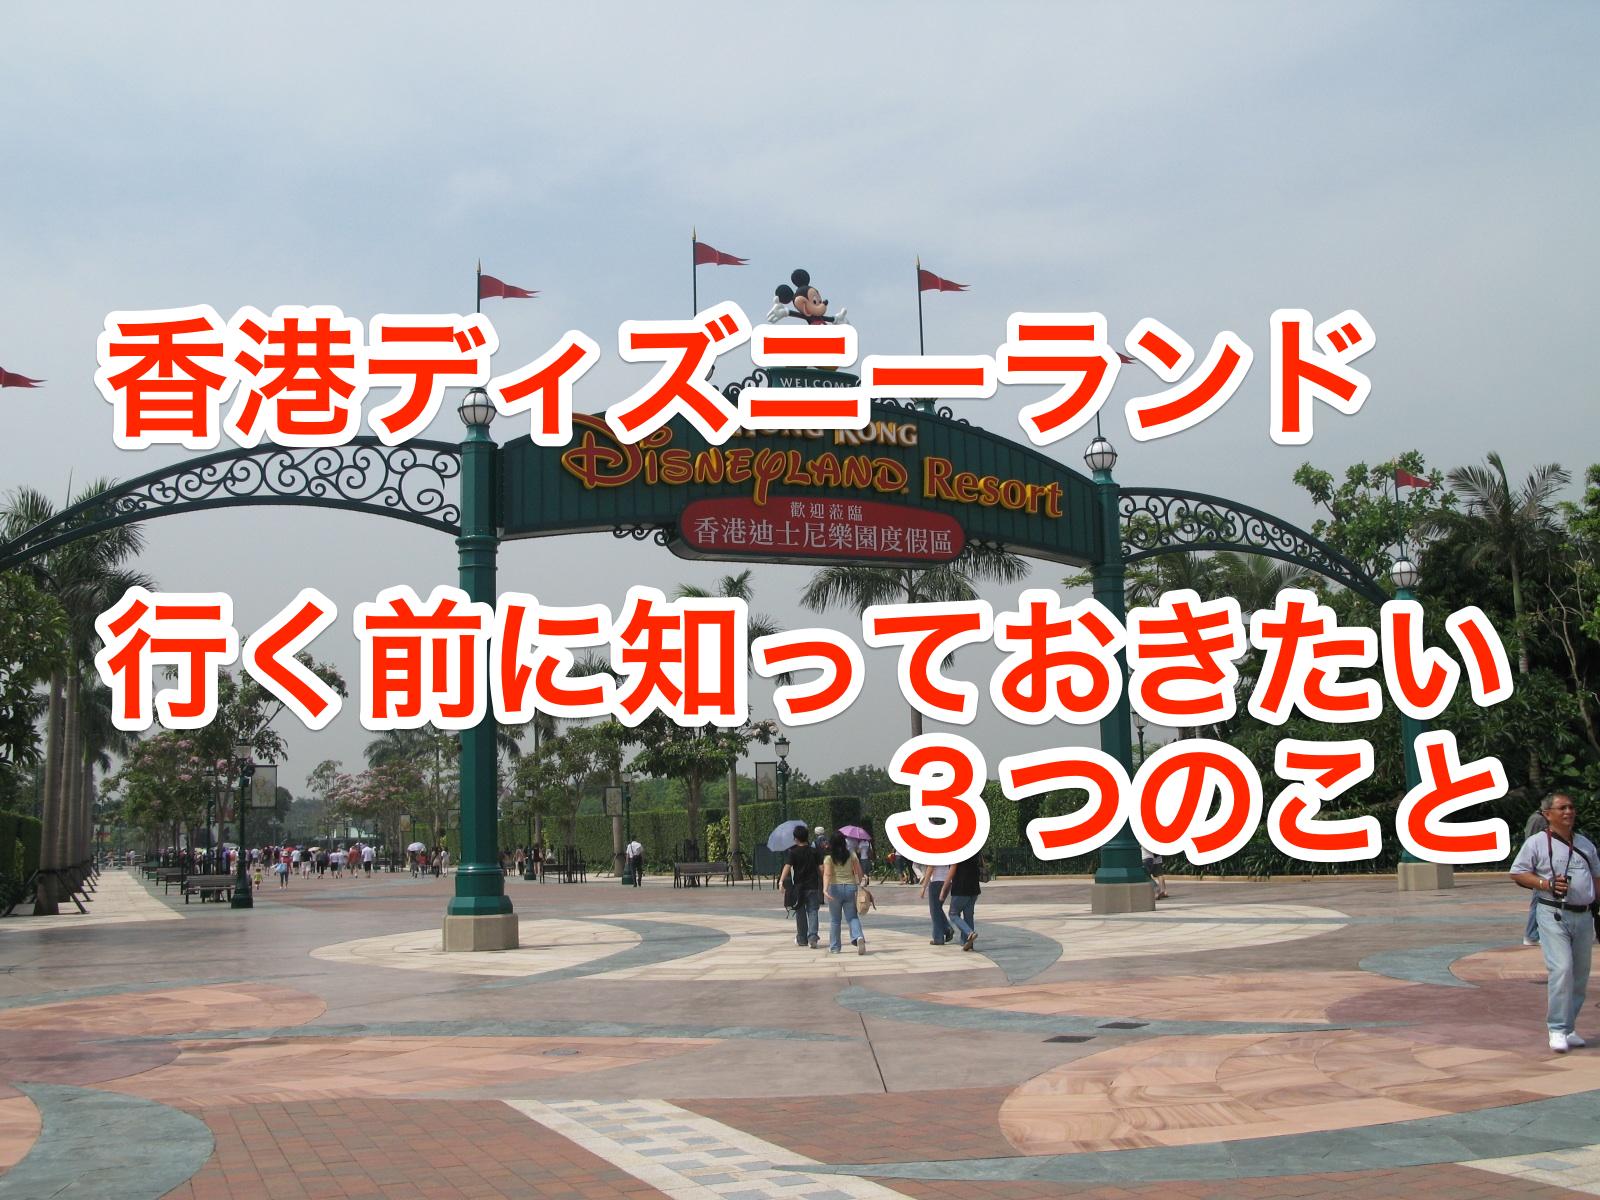 香港ディズニーランドへ行く前に知っておくべき3つのこと~と「東京」ディズニーランドは全くの別物!